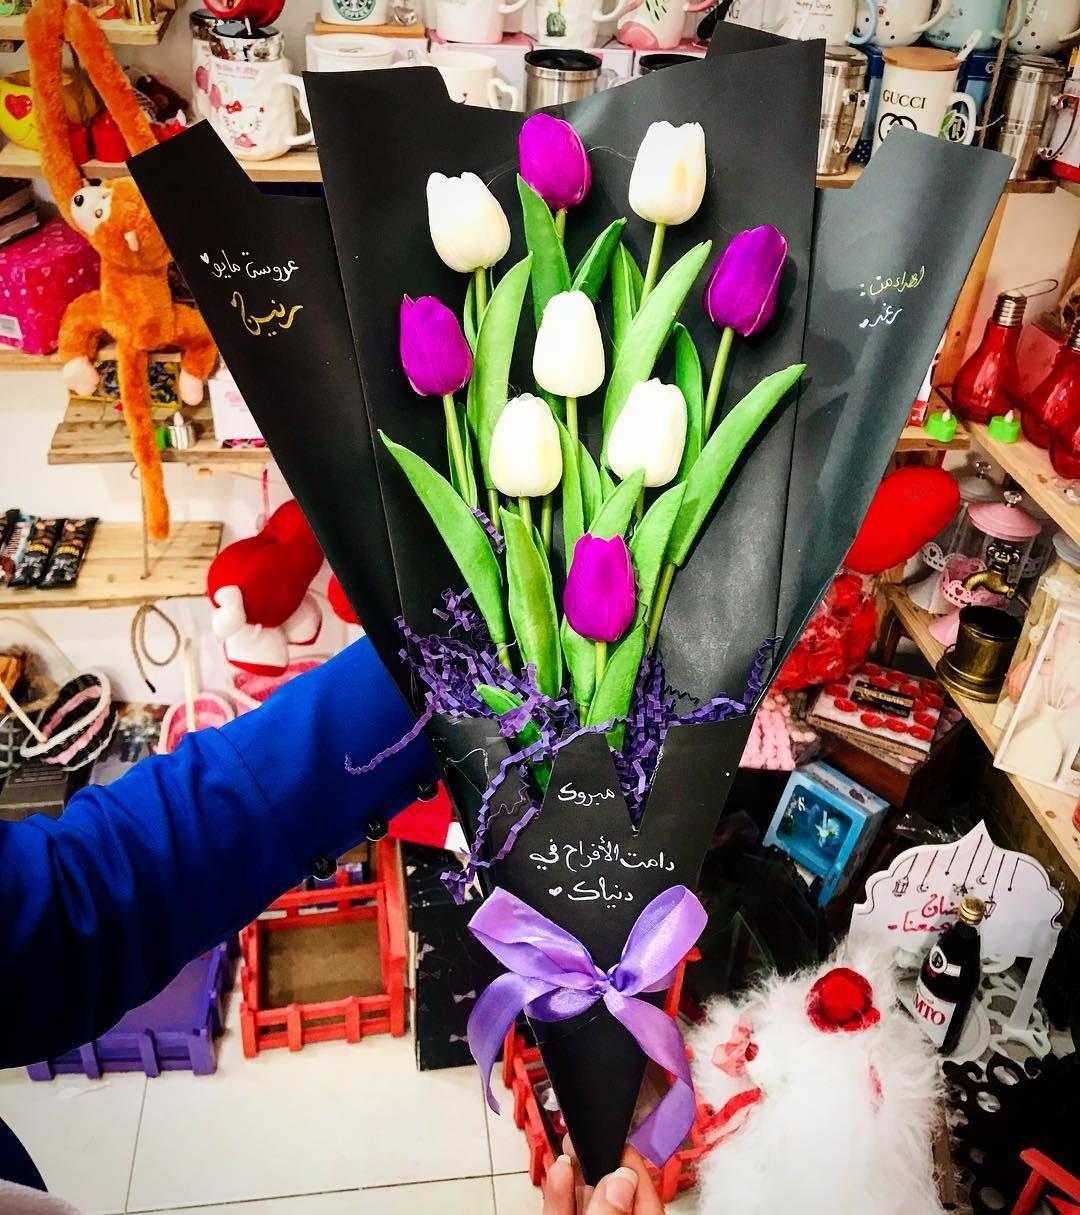 جمعتكم مباركة من متجر ستايل باكو ورد التوليب المميز منشن لحدا يهديك توليب Style For Gifts جمعتكم مباركة من متجر ستاي Gift Wrapping Gifts Reed Diffuser